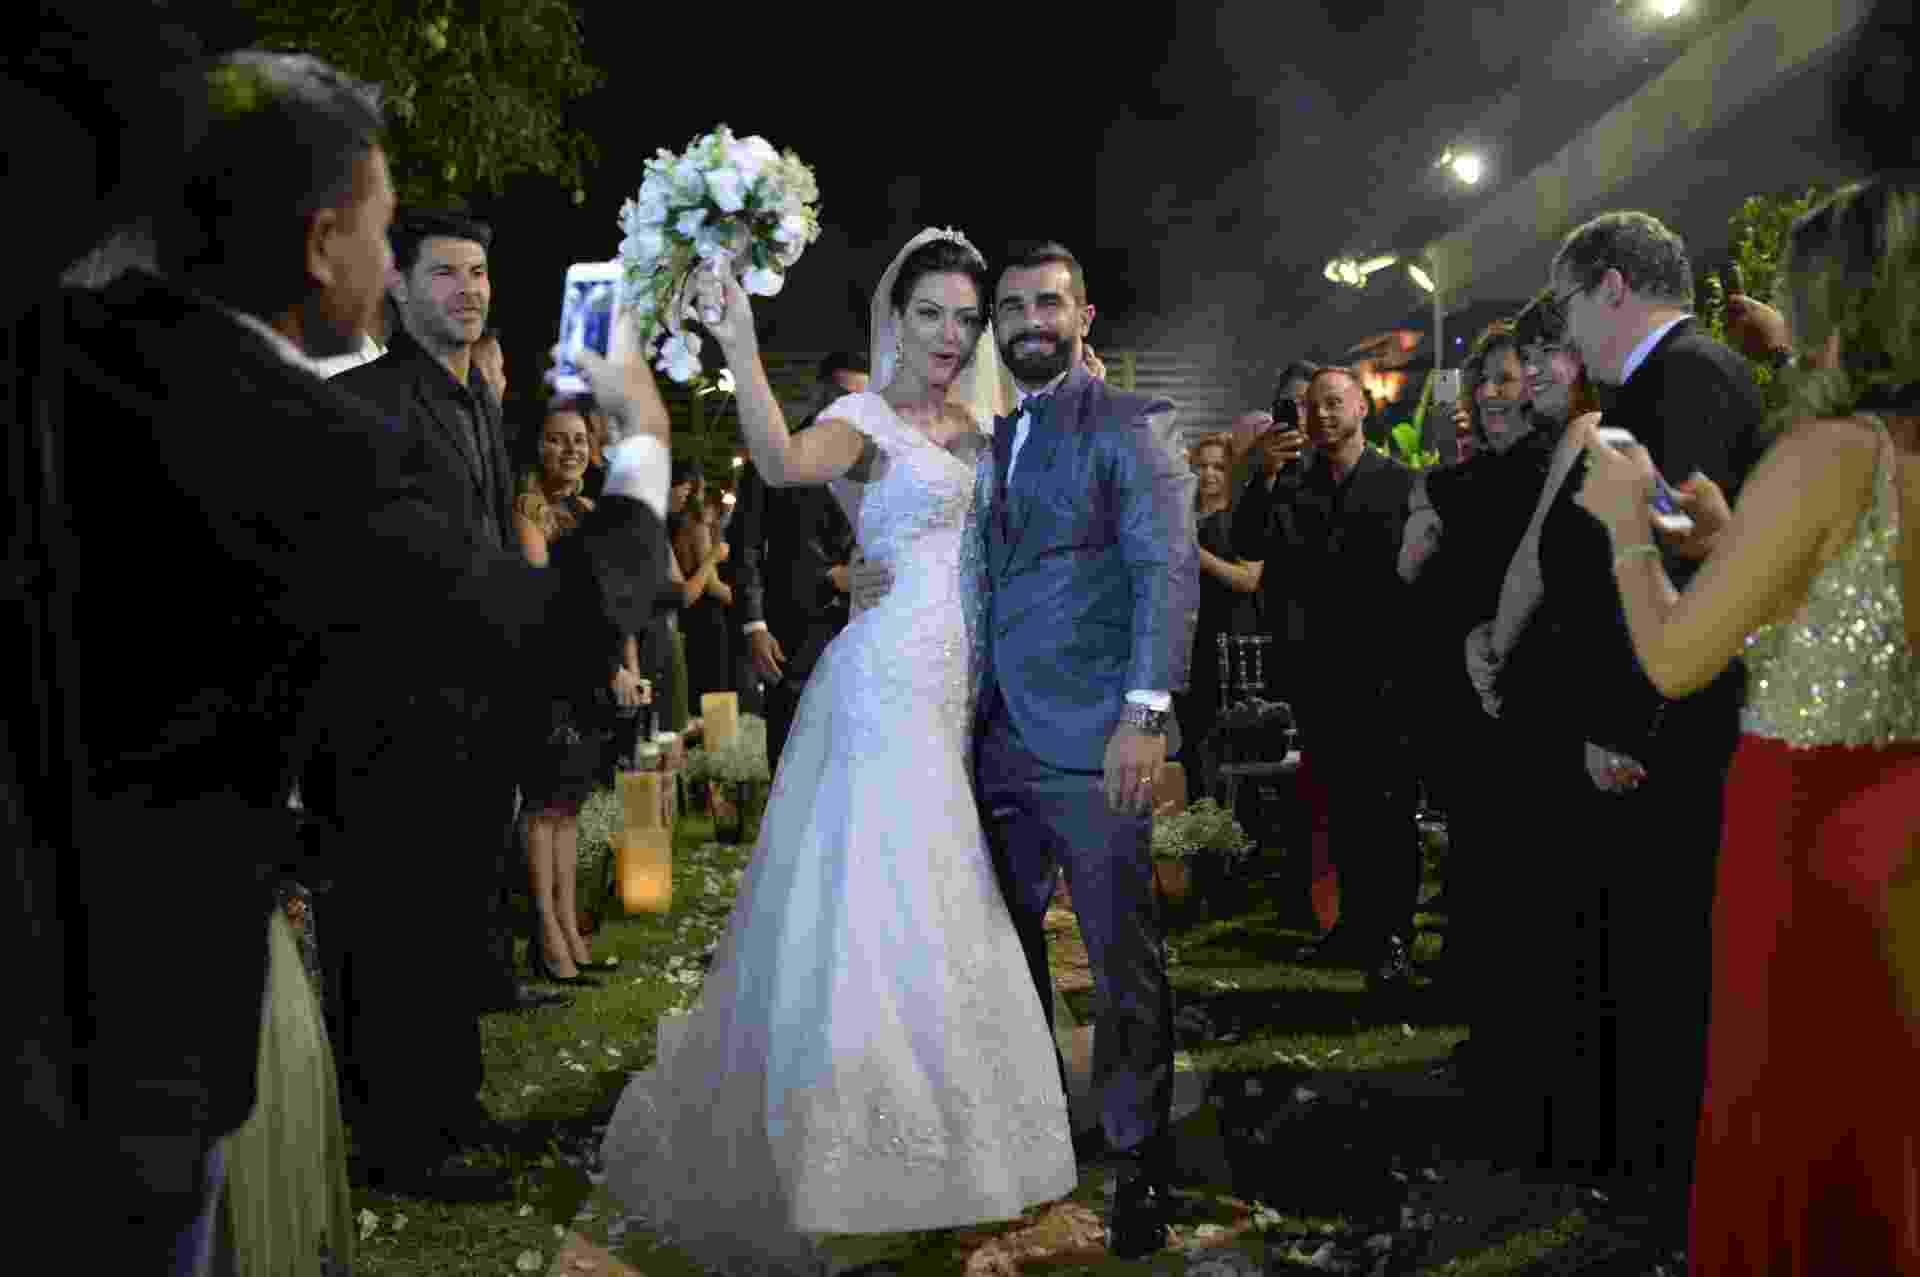 21.nov.2016 - Laura Keller e Jorge Sousa se casam no Rio. A cerimônia aconteceu ao ar livre, numa casa de festas na Taquara, Zona Oeste da cidade, com decoração simples, repleta de velas no chão e suspensas em árvores - Bruno Romão